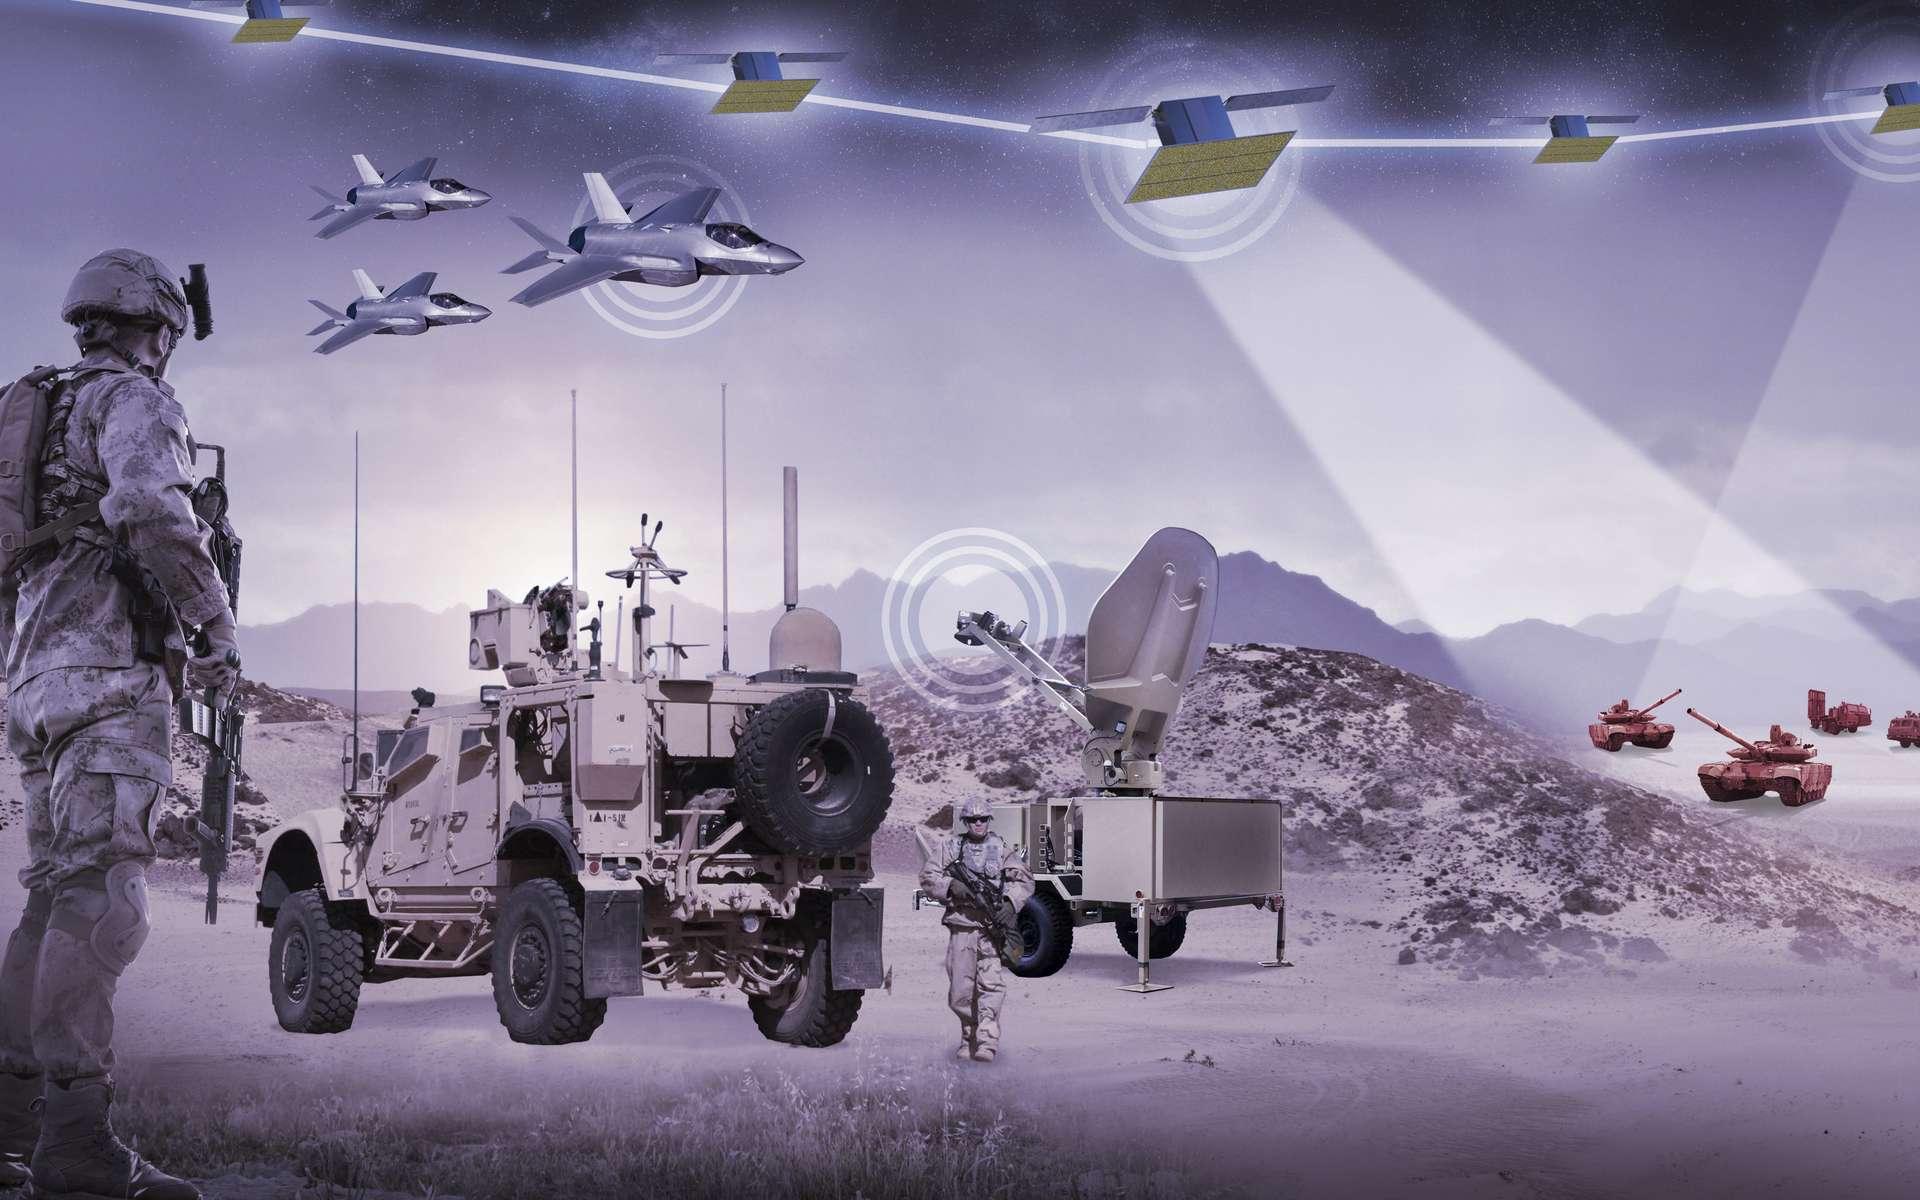 Pour obtenir une vision en temps réel des mouvements des ennemis et accélérer les combats, les satellites deviennent l'atout majeur des militaires. © Lokheed Martin